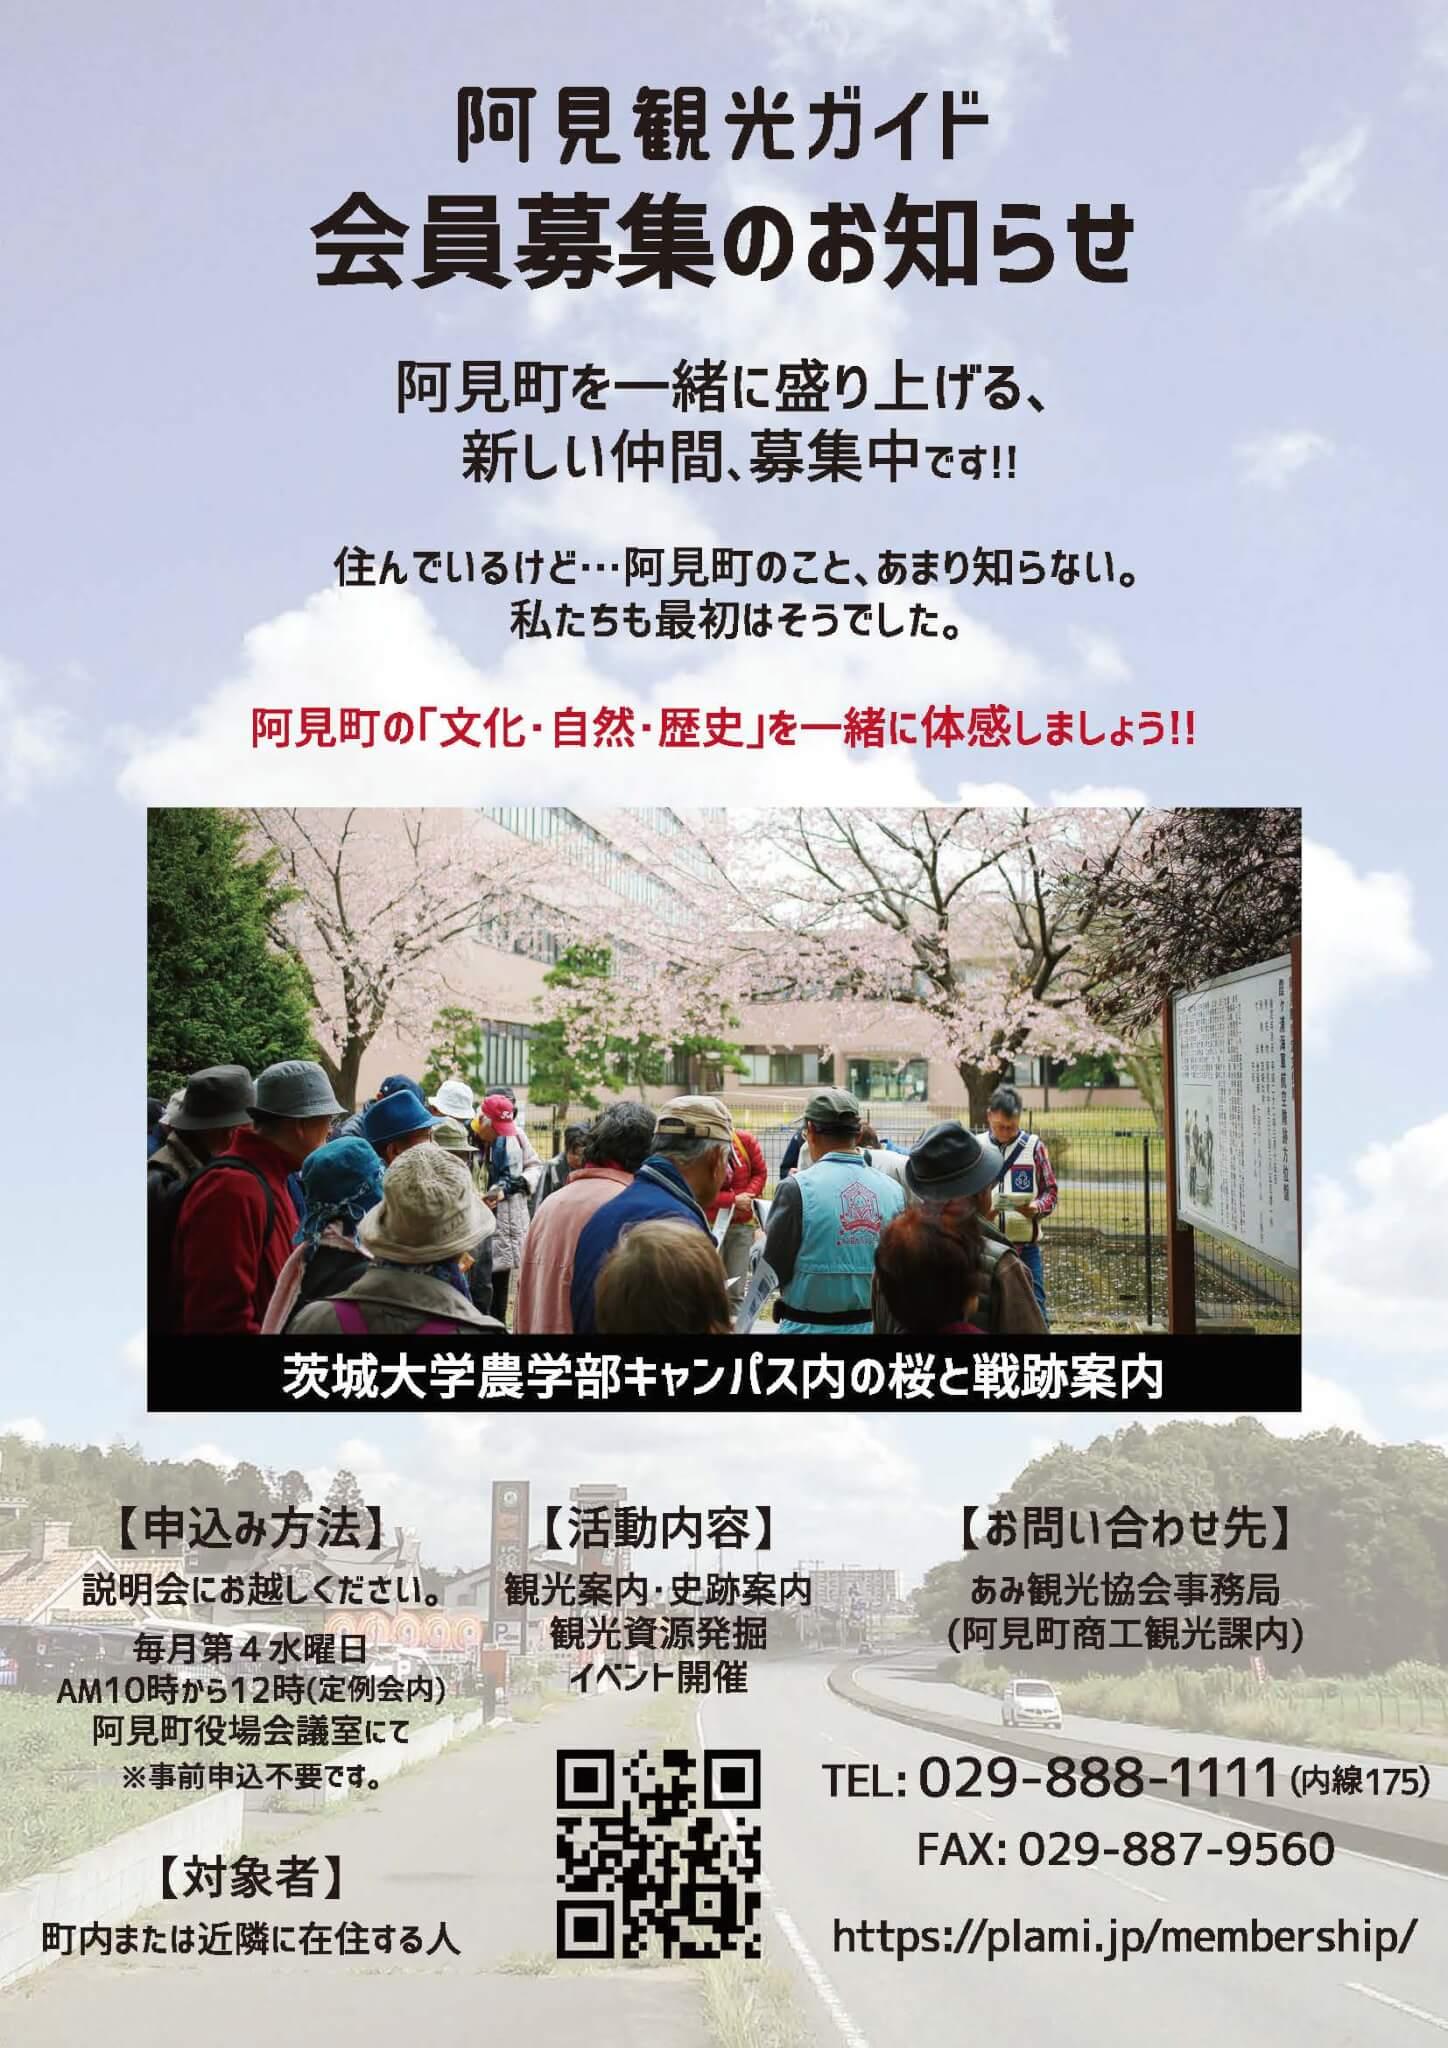 阿見観光ガイド 会員募集のチラシ